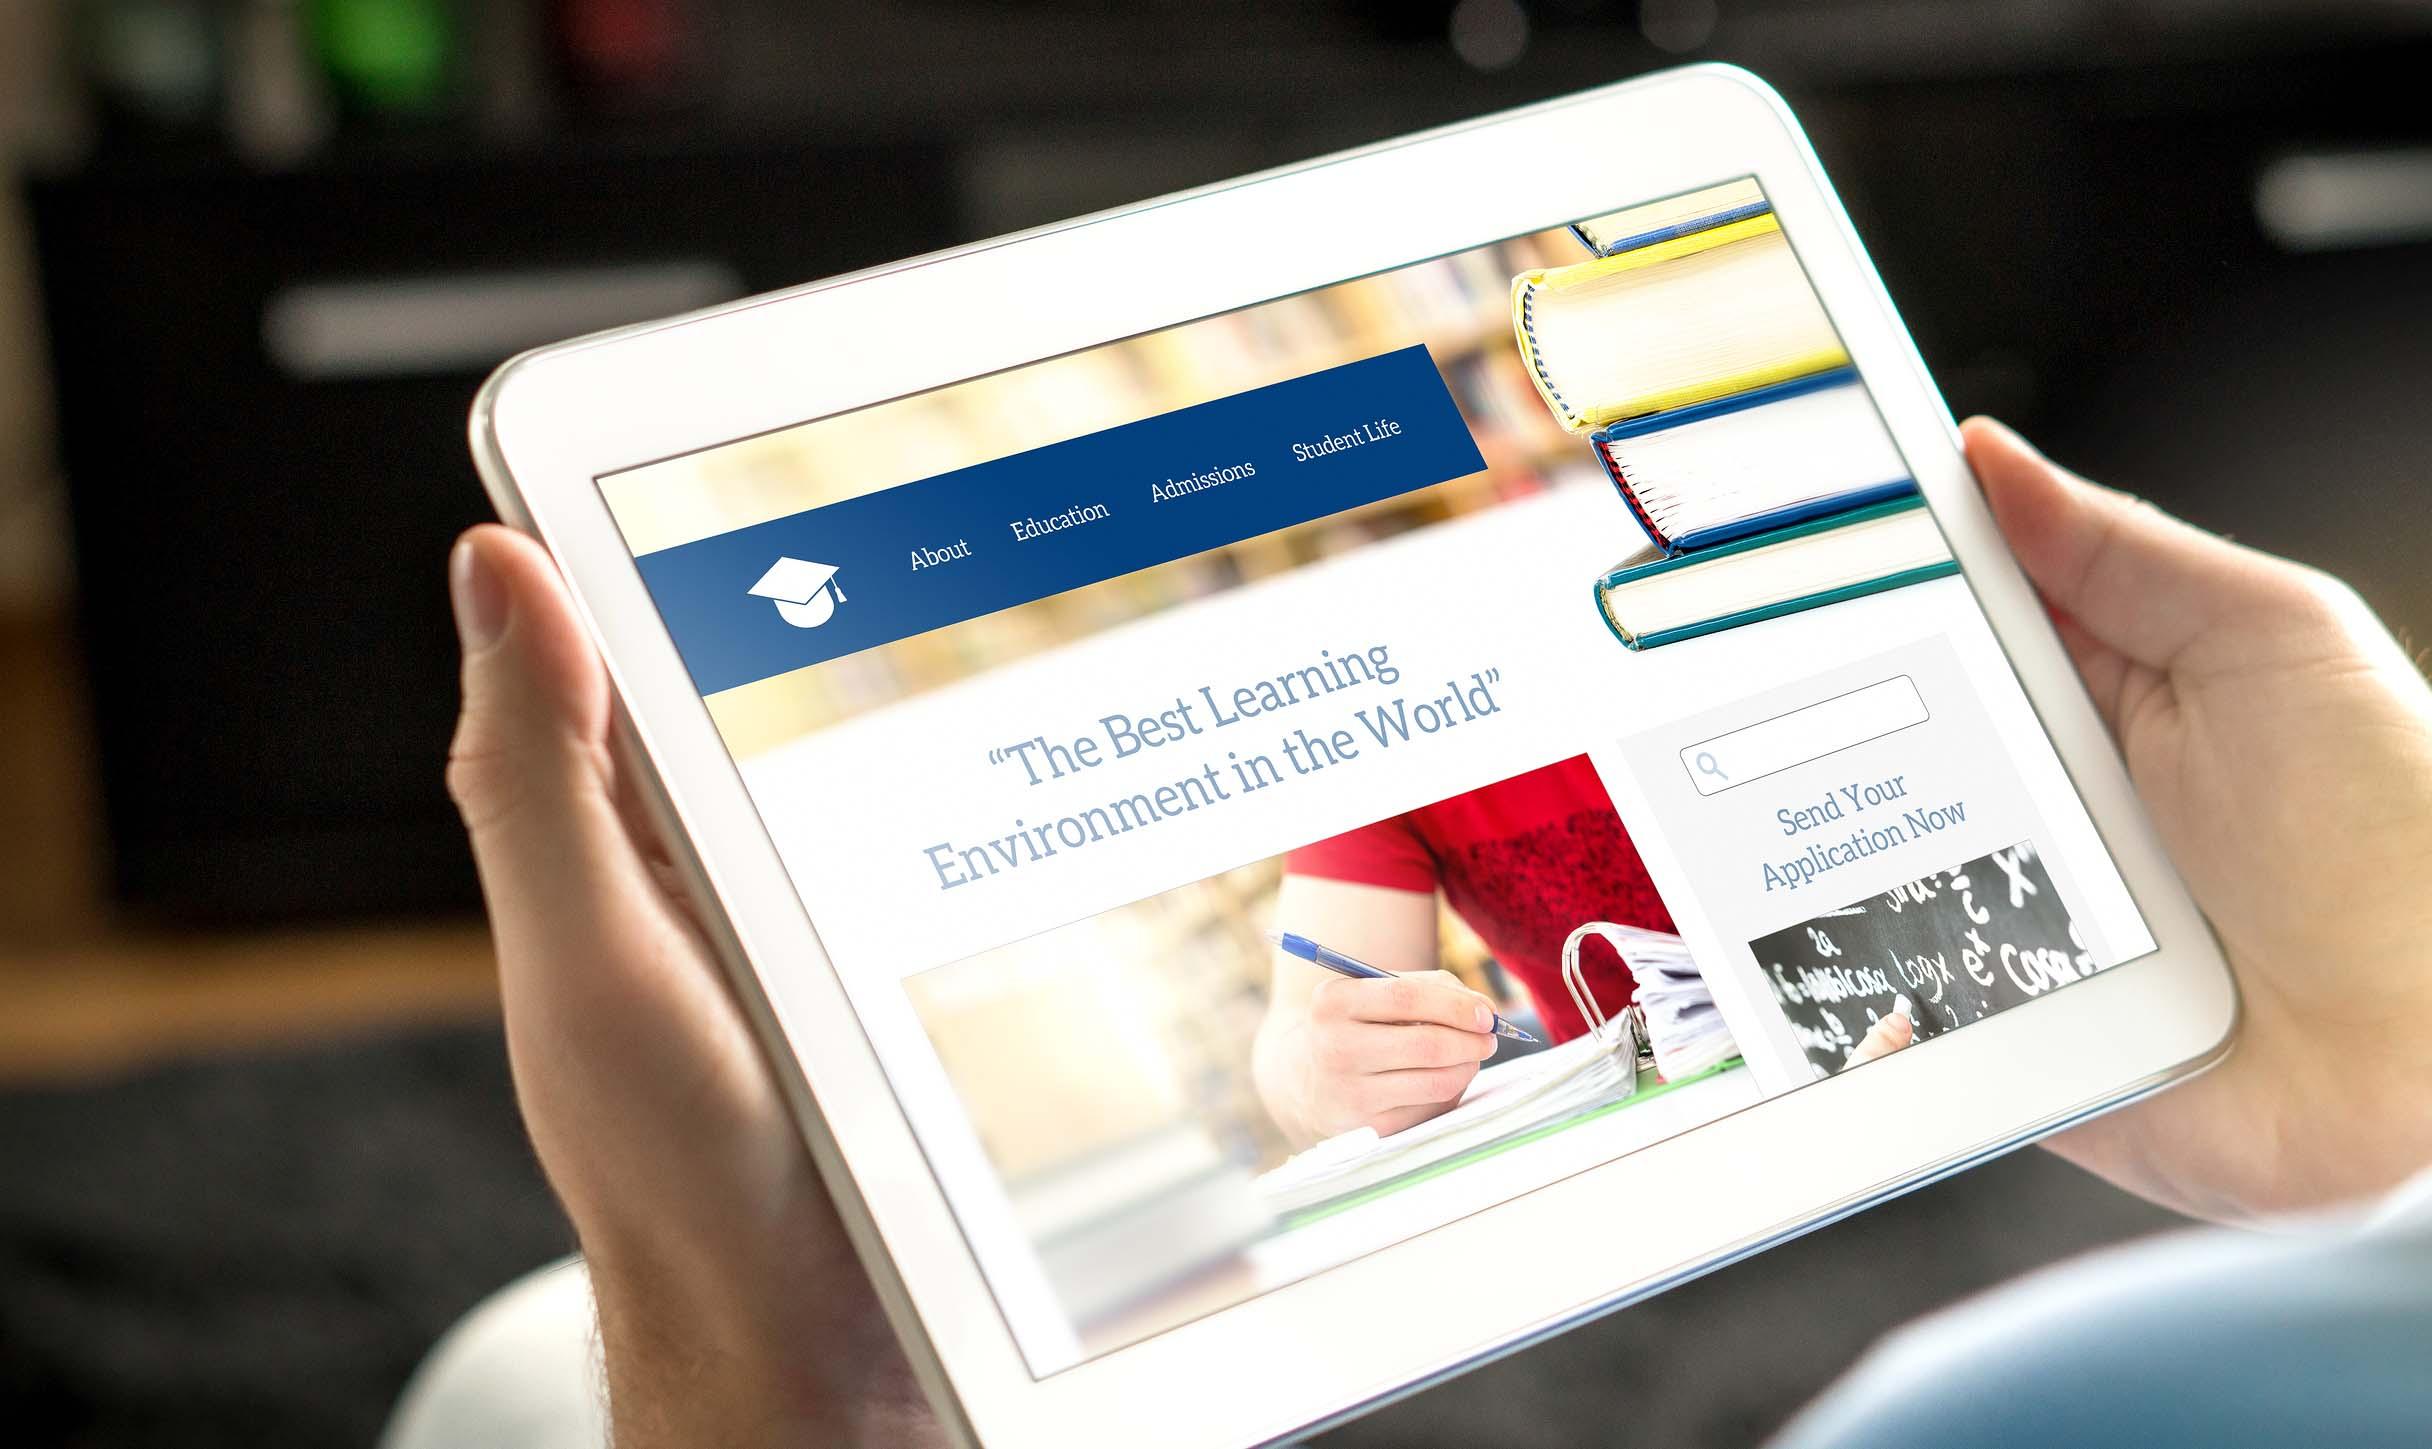 School website on tablet screen